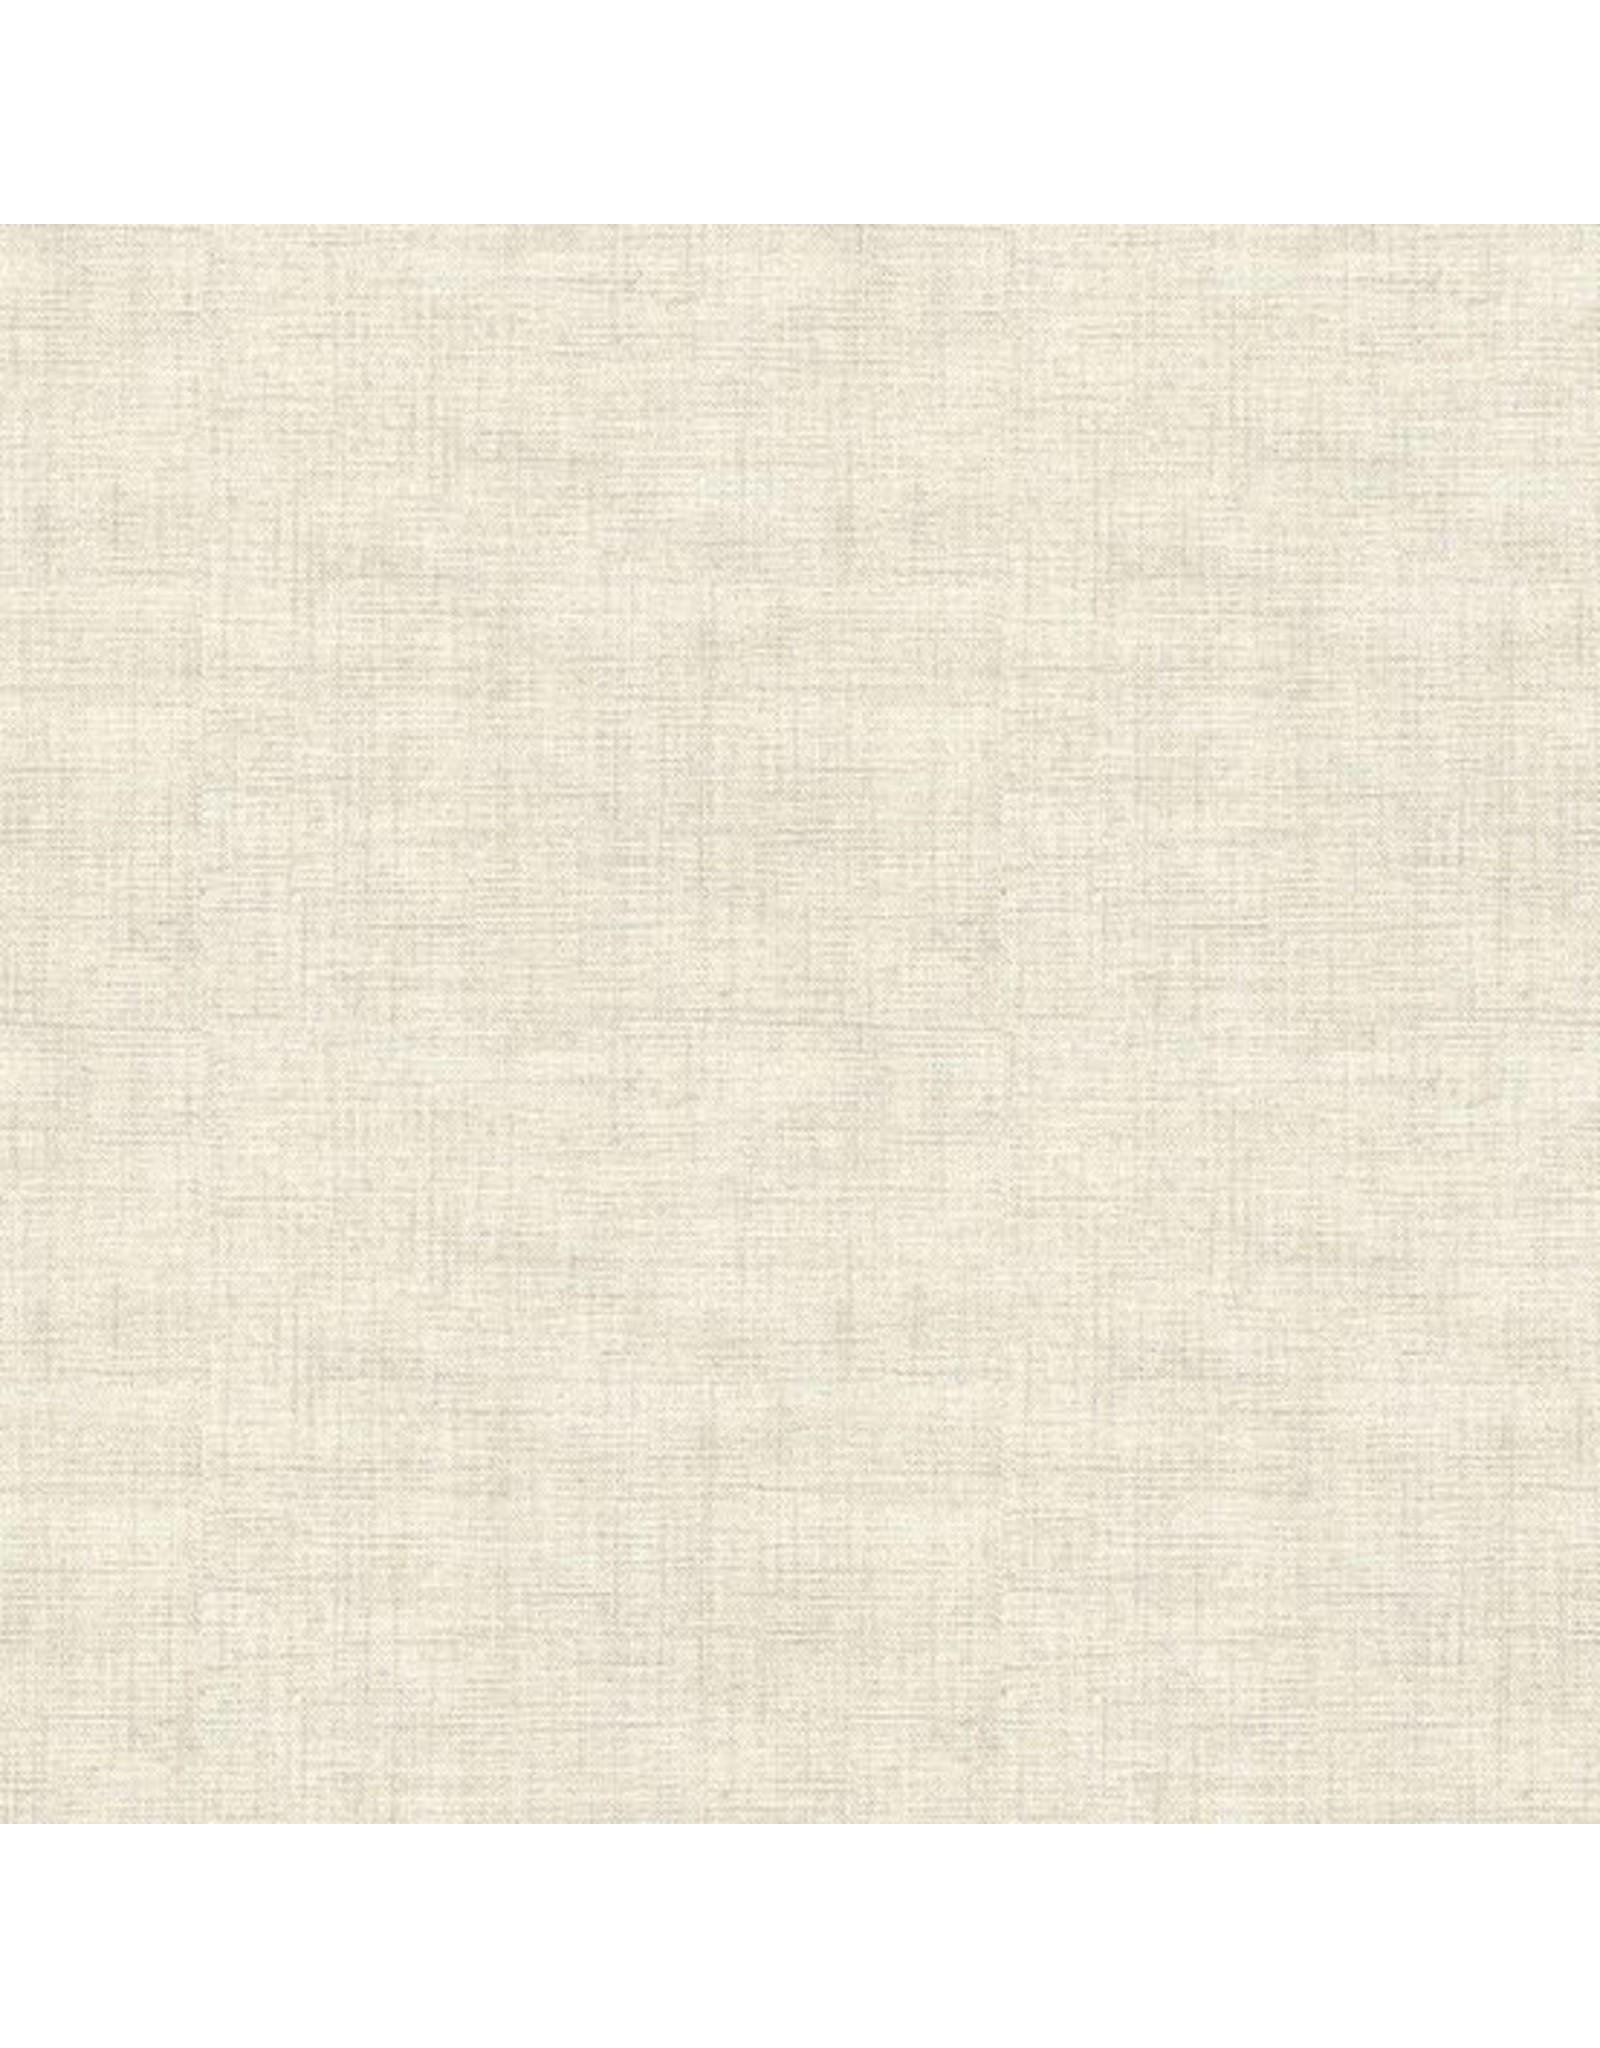 Makower UK Linen Texture - Linen